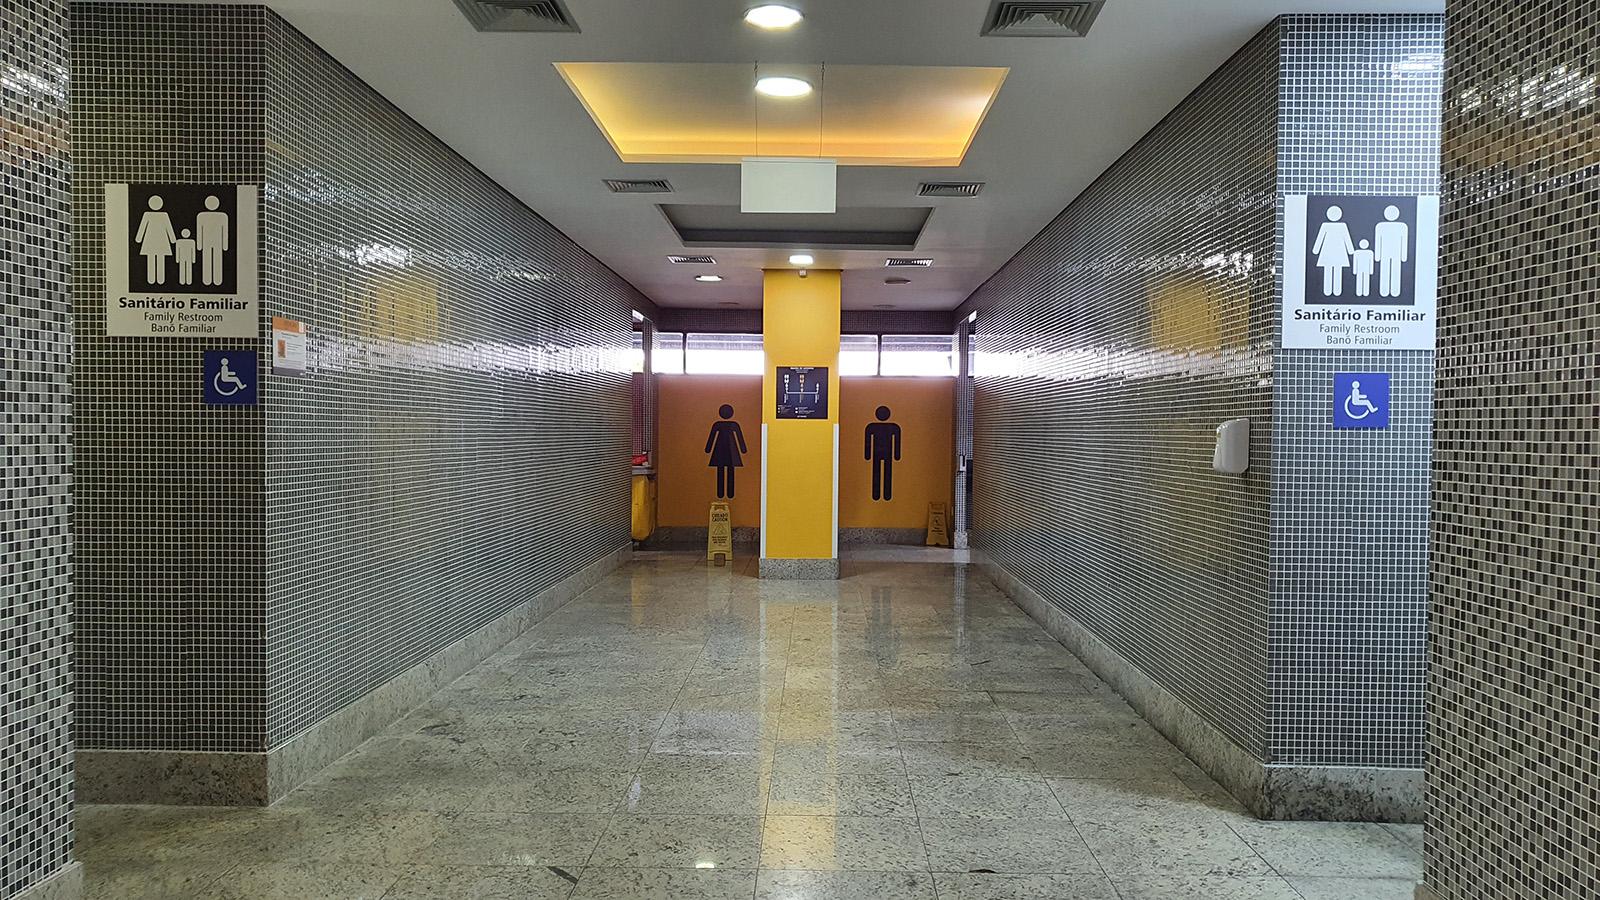 Banheiros do aeroporto de curitiba CWB